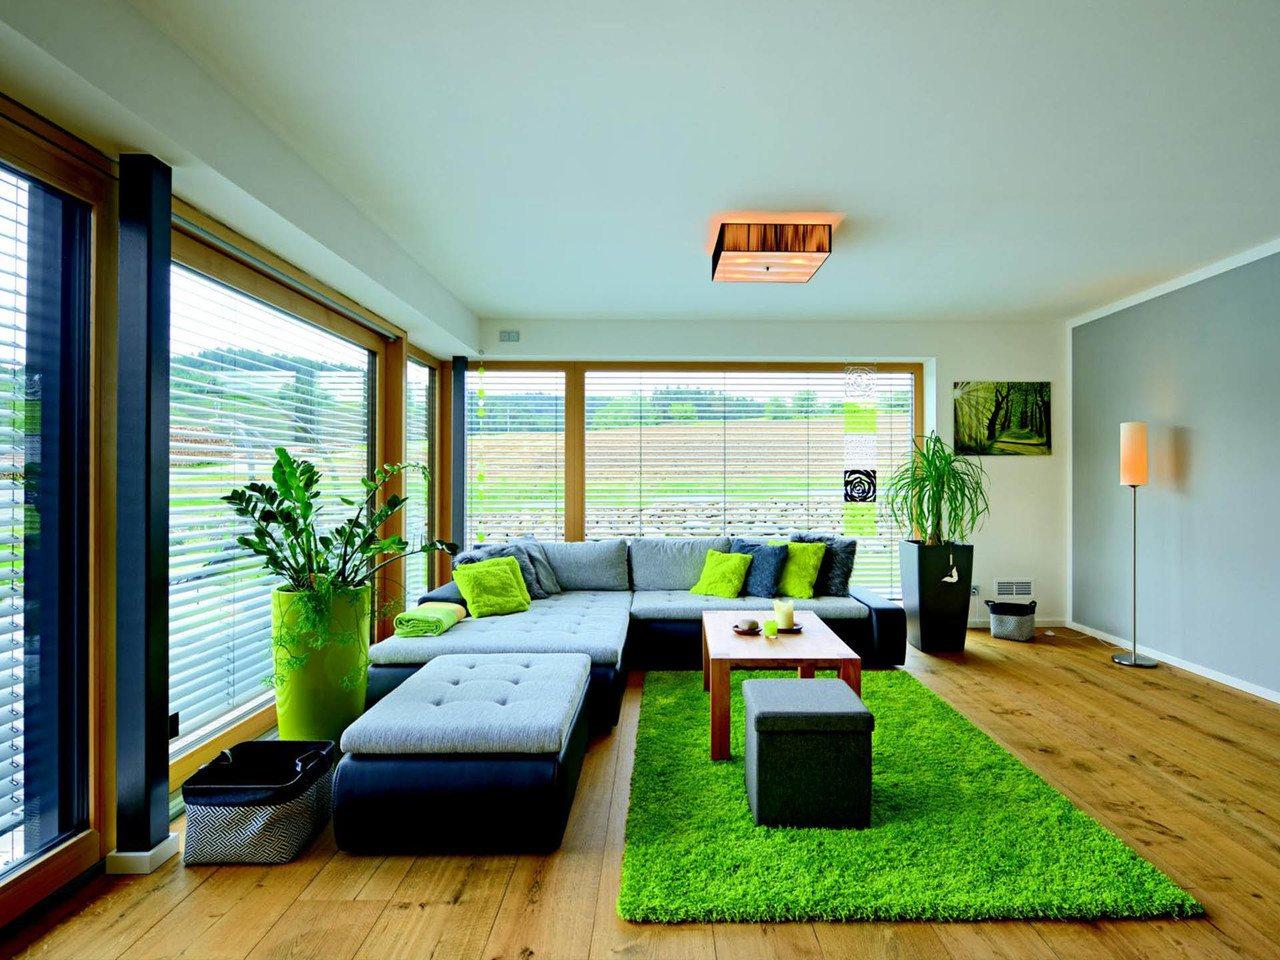 Haus Wagner Gruber Holzhaus - Wohnzimmer